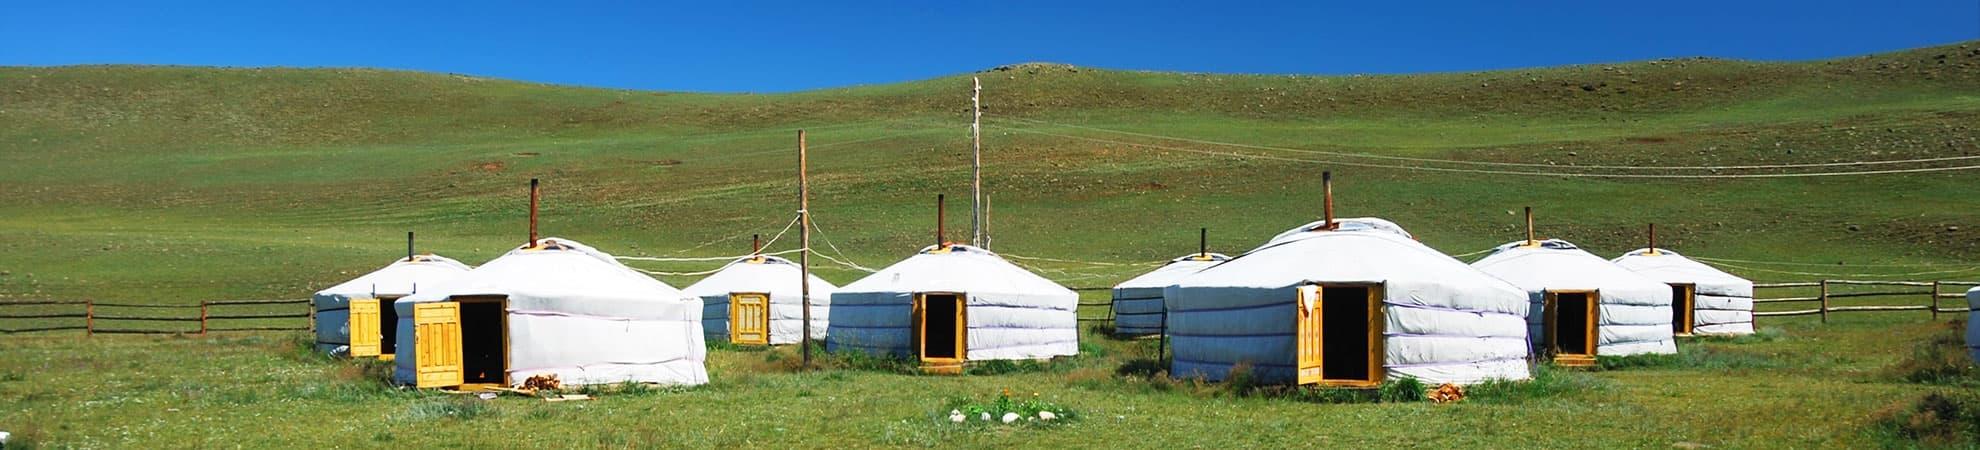 Voyage Le centre de la Mongolie